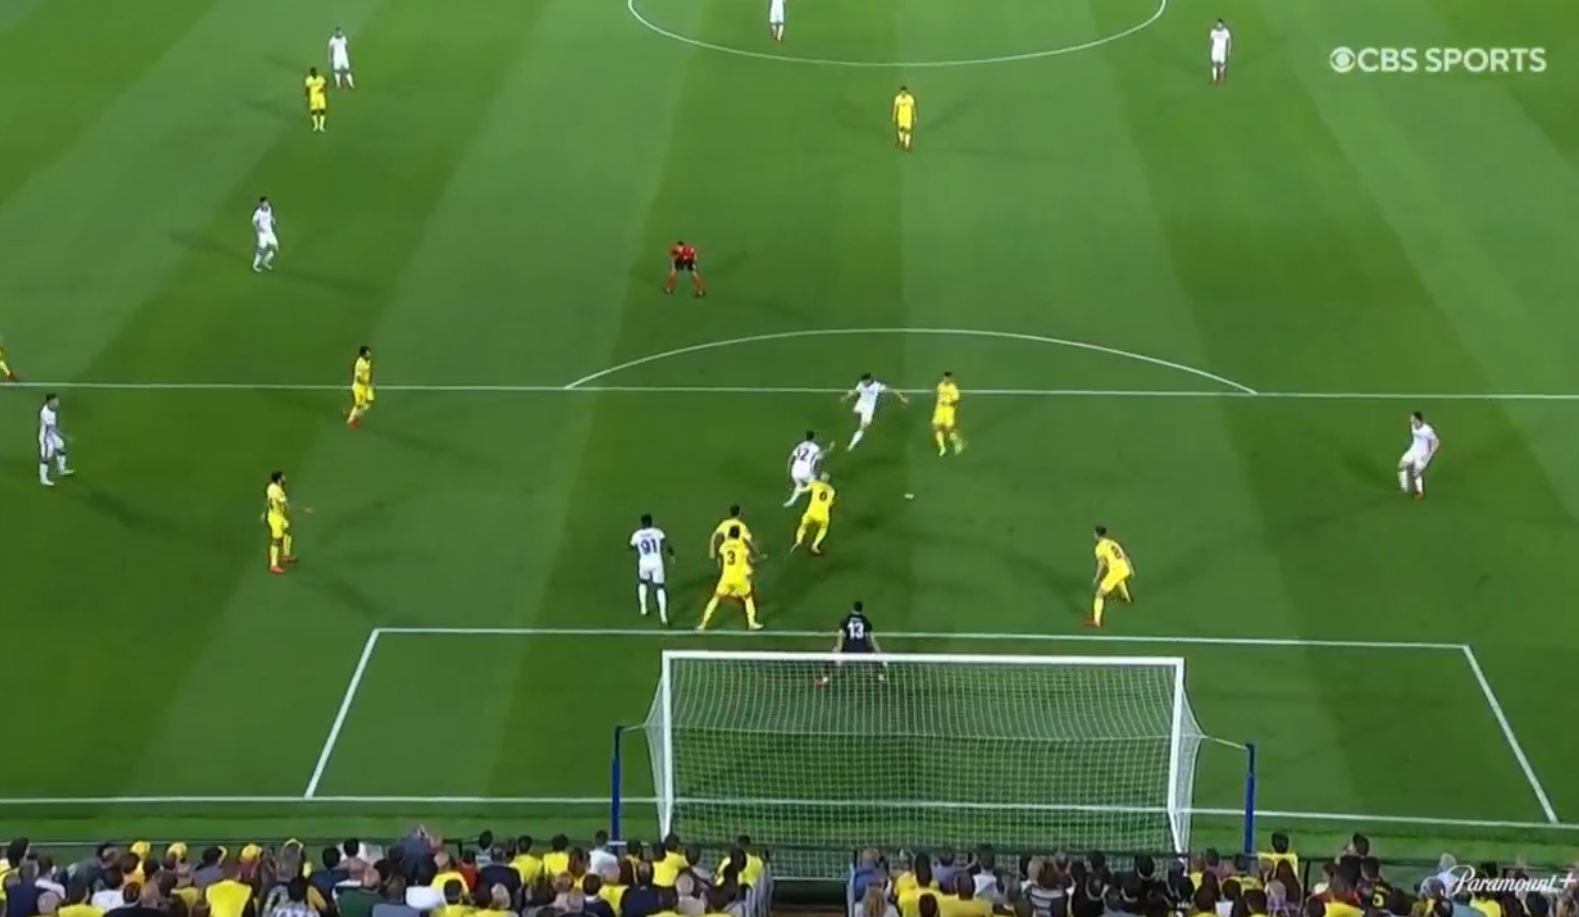 Villarreal 2-2 Atalanta 2021.09.14 (20h00) Watch Full Goals Highlight Extended